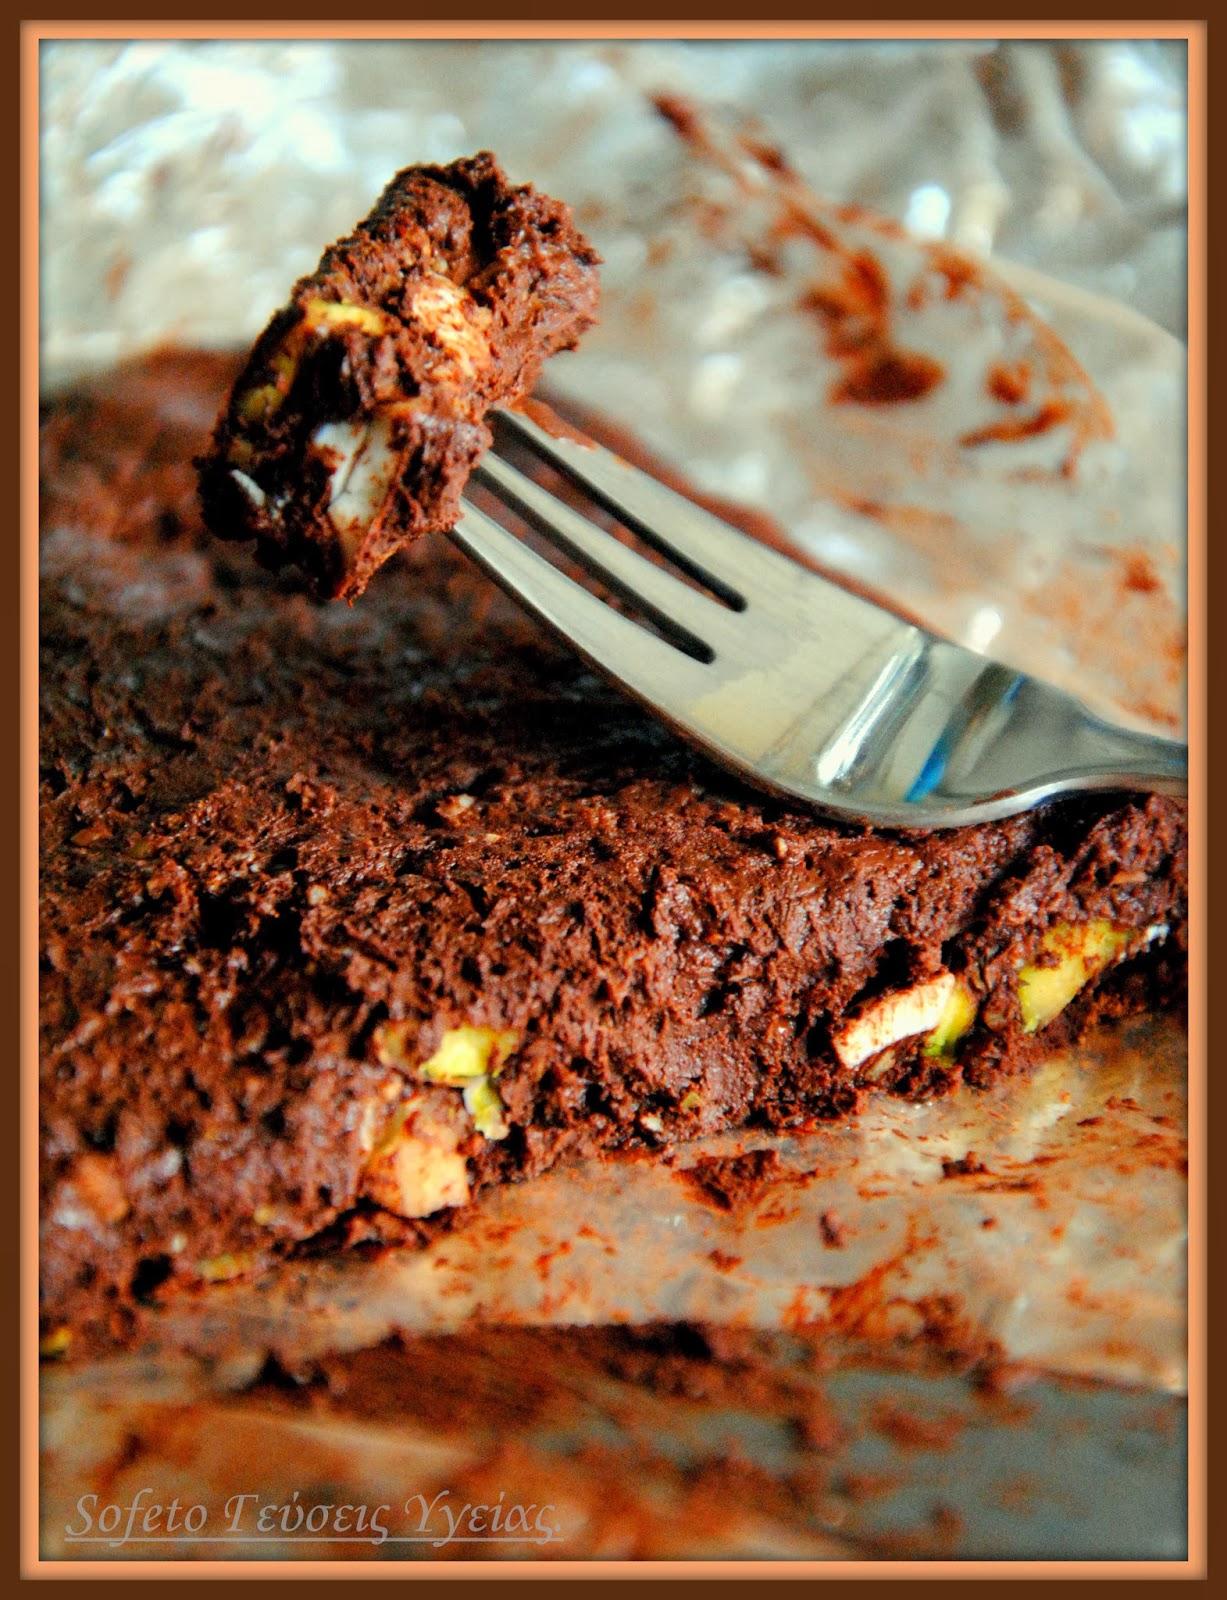 Μαλακή σοκολάτα με βρώμη , ξηρούς καρπούς και μανταρίνι…χωρίς ζάχαρη και μόνο για γυναίκες!